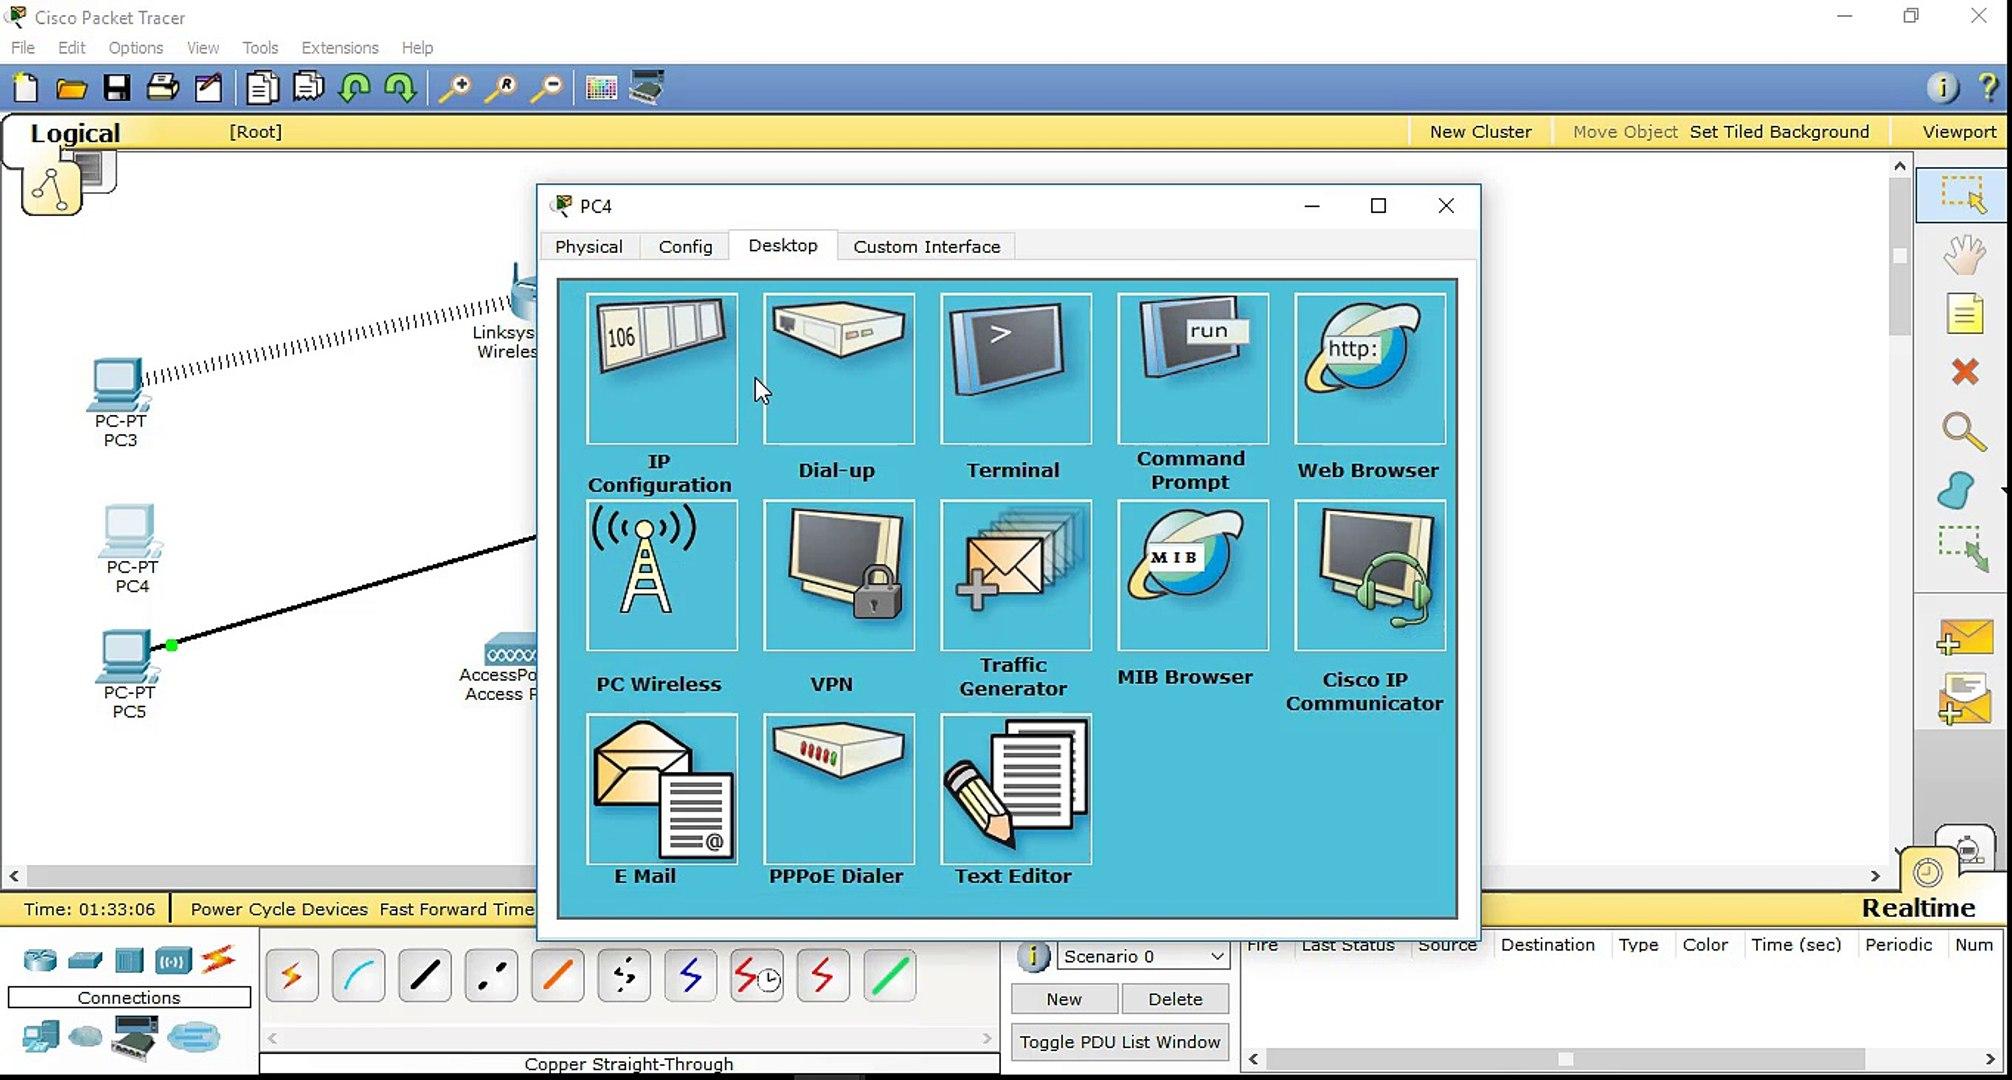 عمل شبكة لاسلكية واعداد الراوتر -Cisco Packet Tracer